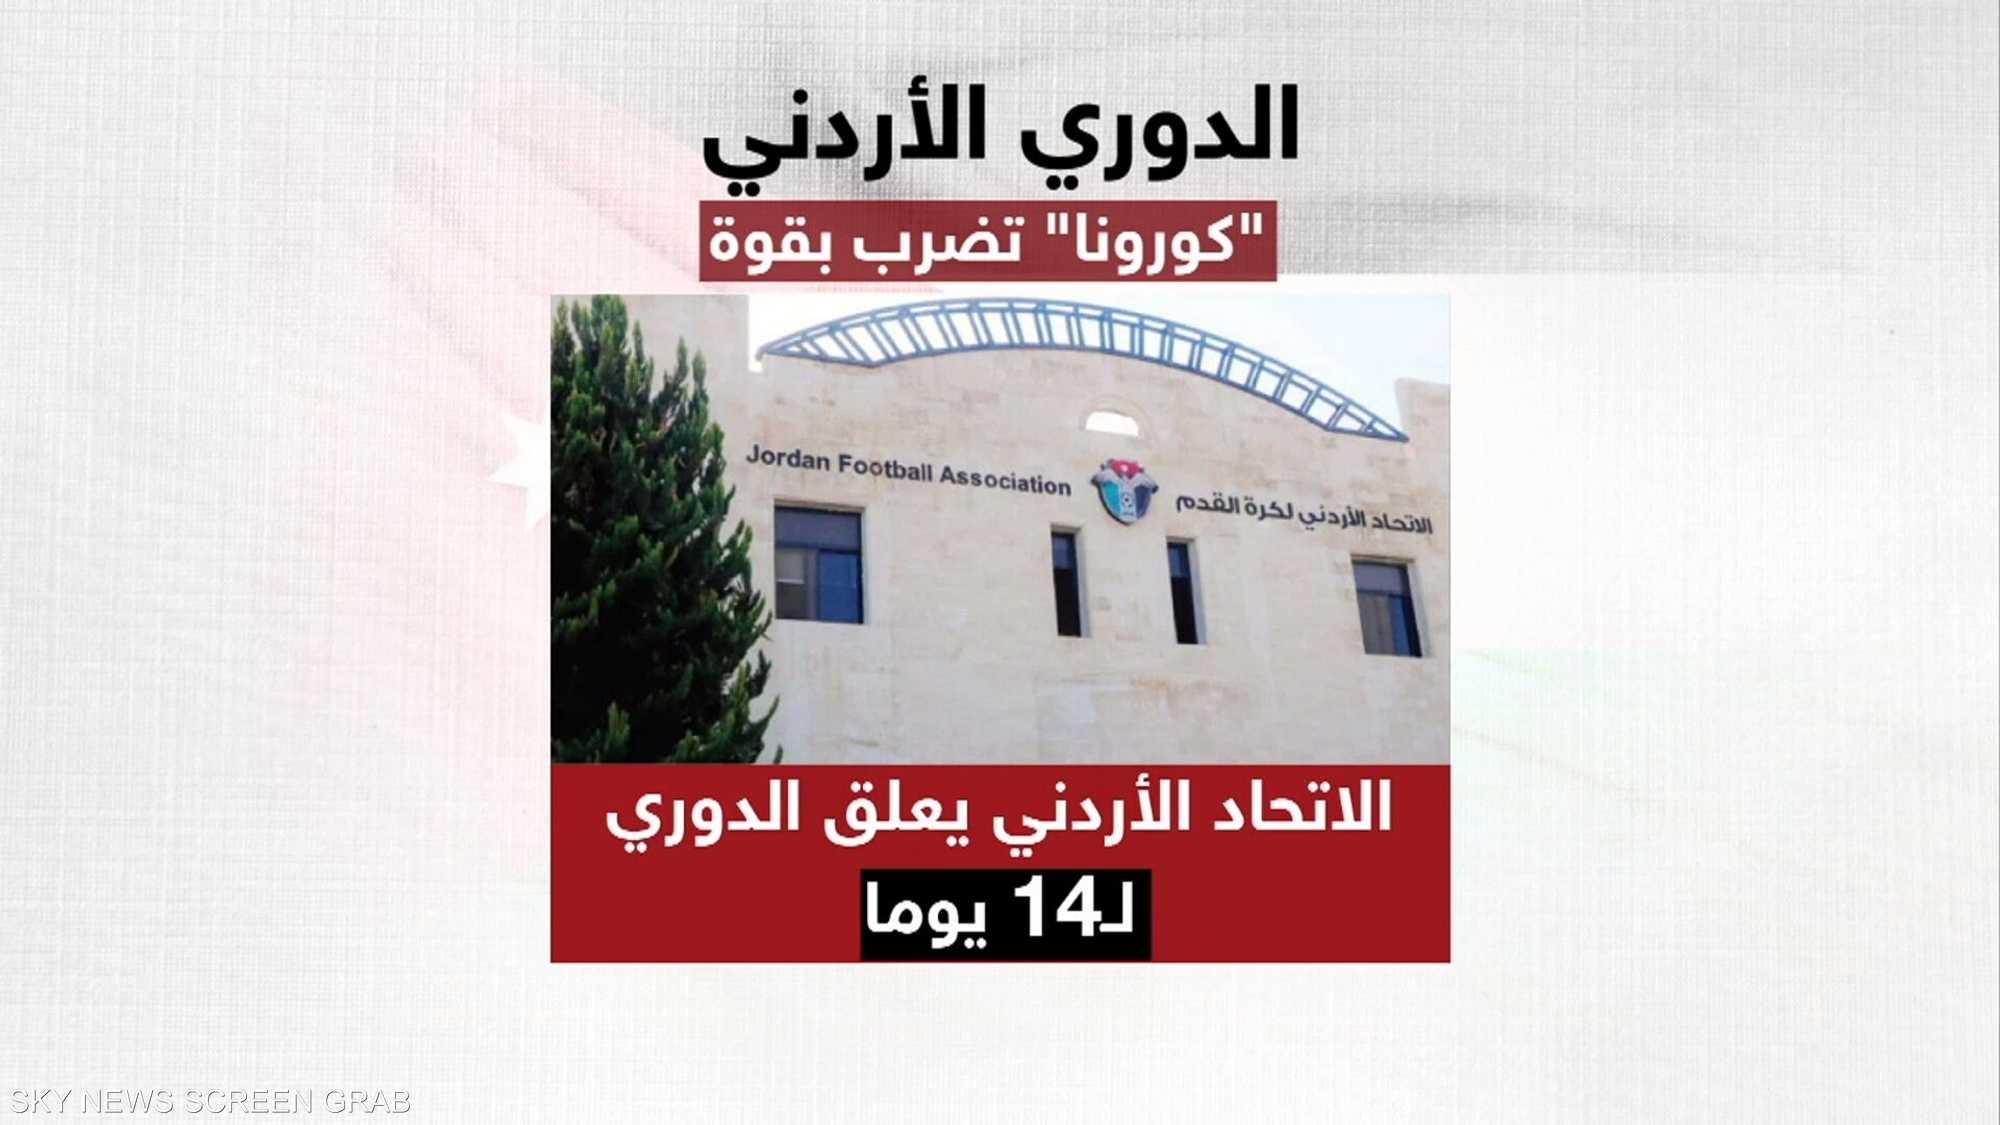 تعليق منافسات الدوري الأردني مؤقتا بسبب كورونا